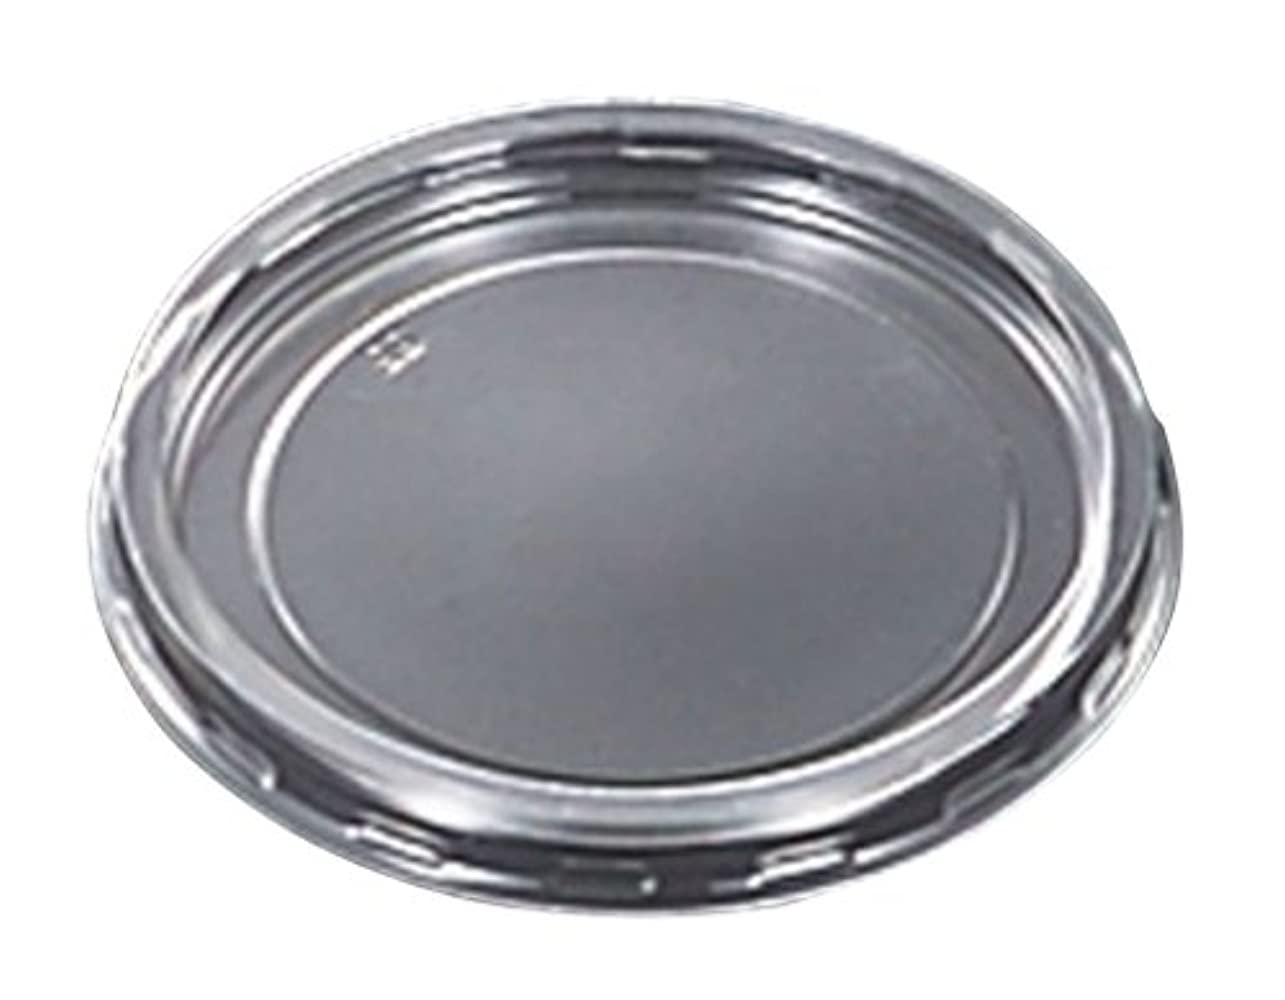 膨張する暴動ネコ中央化学 使い捨て容器蓋 C-APカップ76 落し蓋 50枚入 サイズ:約7.9×7.9×0.7cm